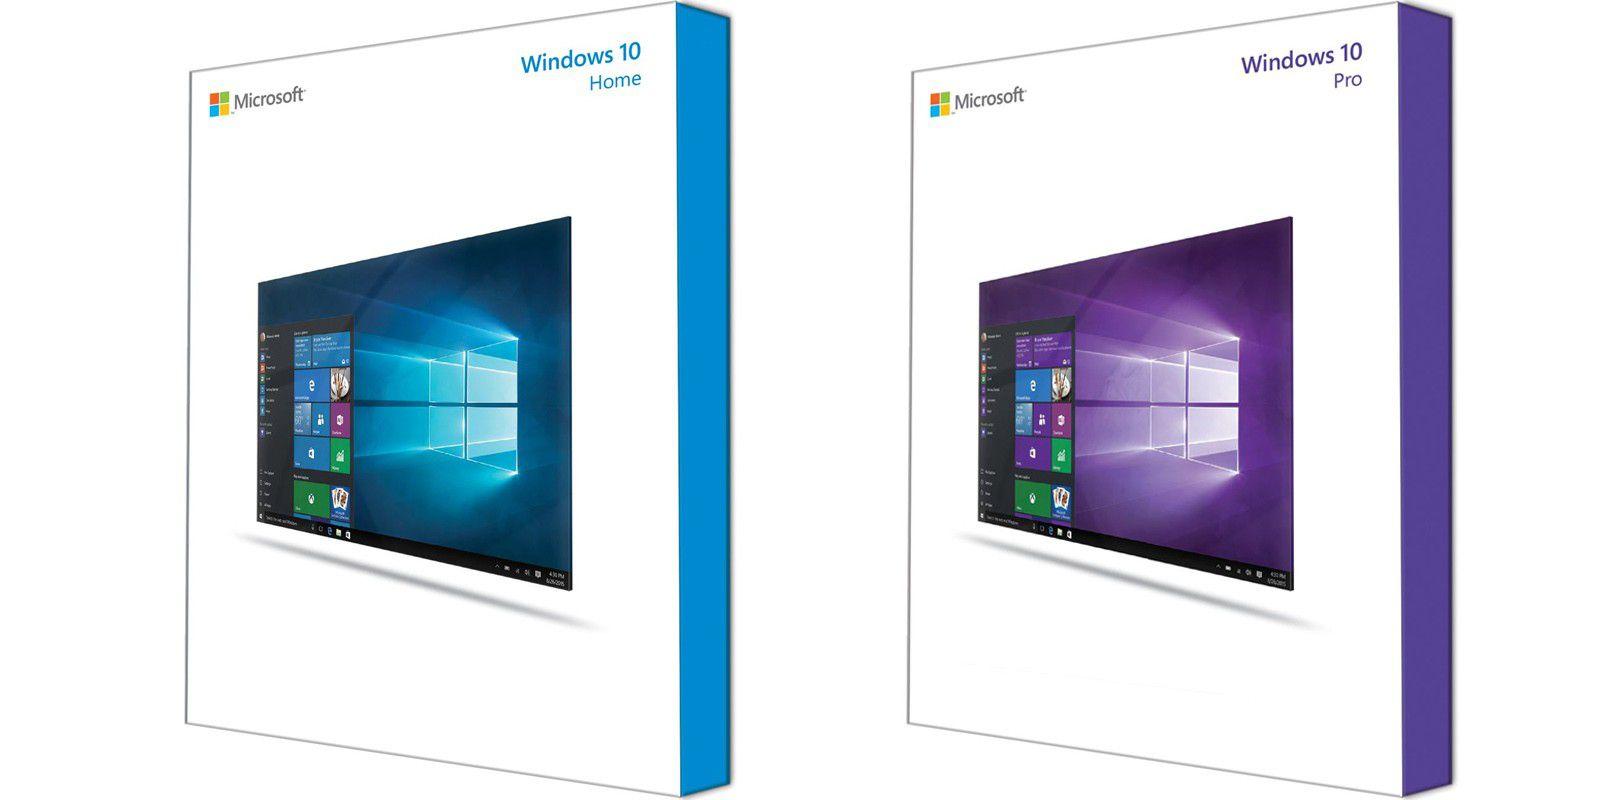 Windows 10: Sehen so die Box-Versionen aus? - PC-WELT